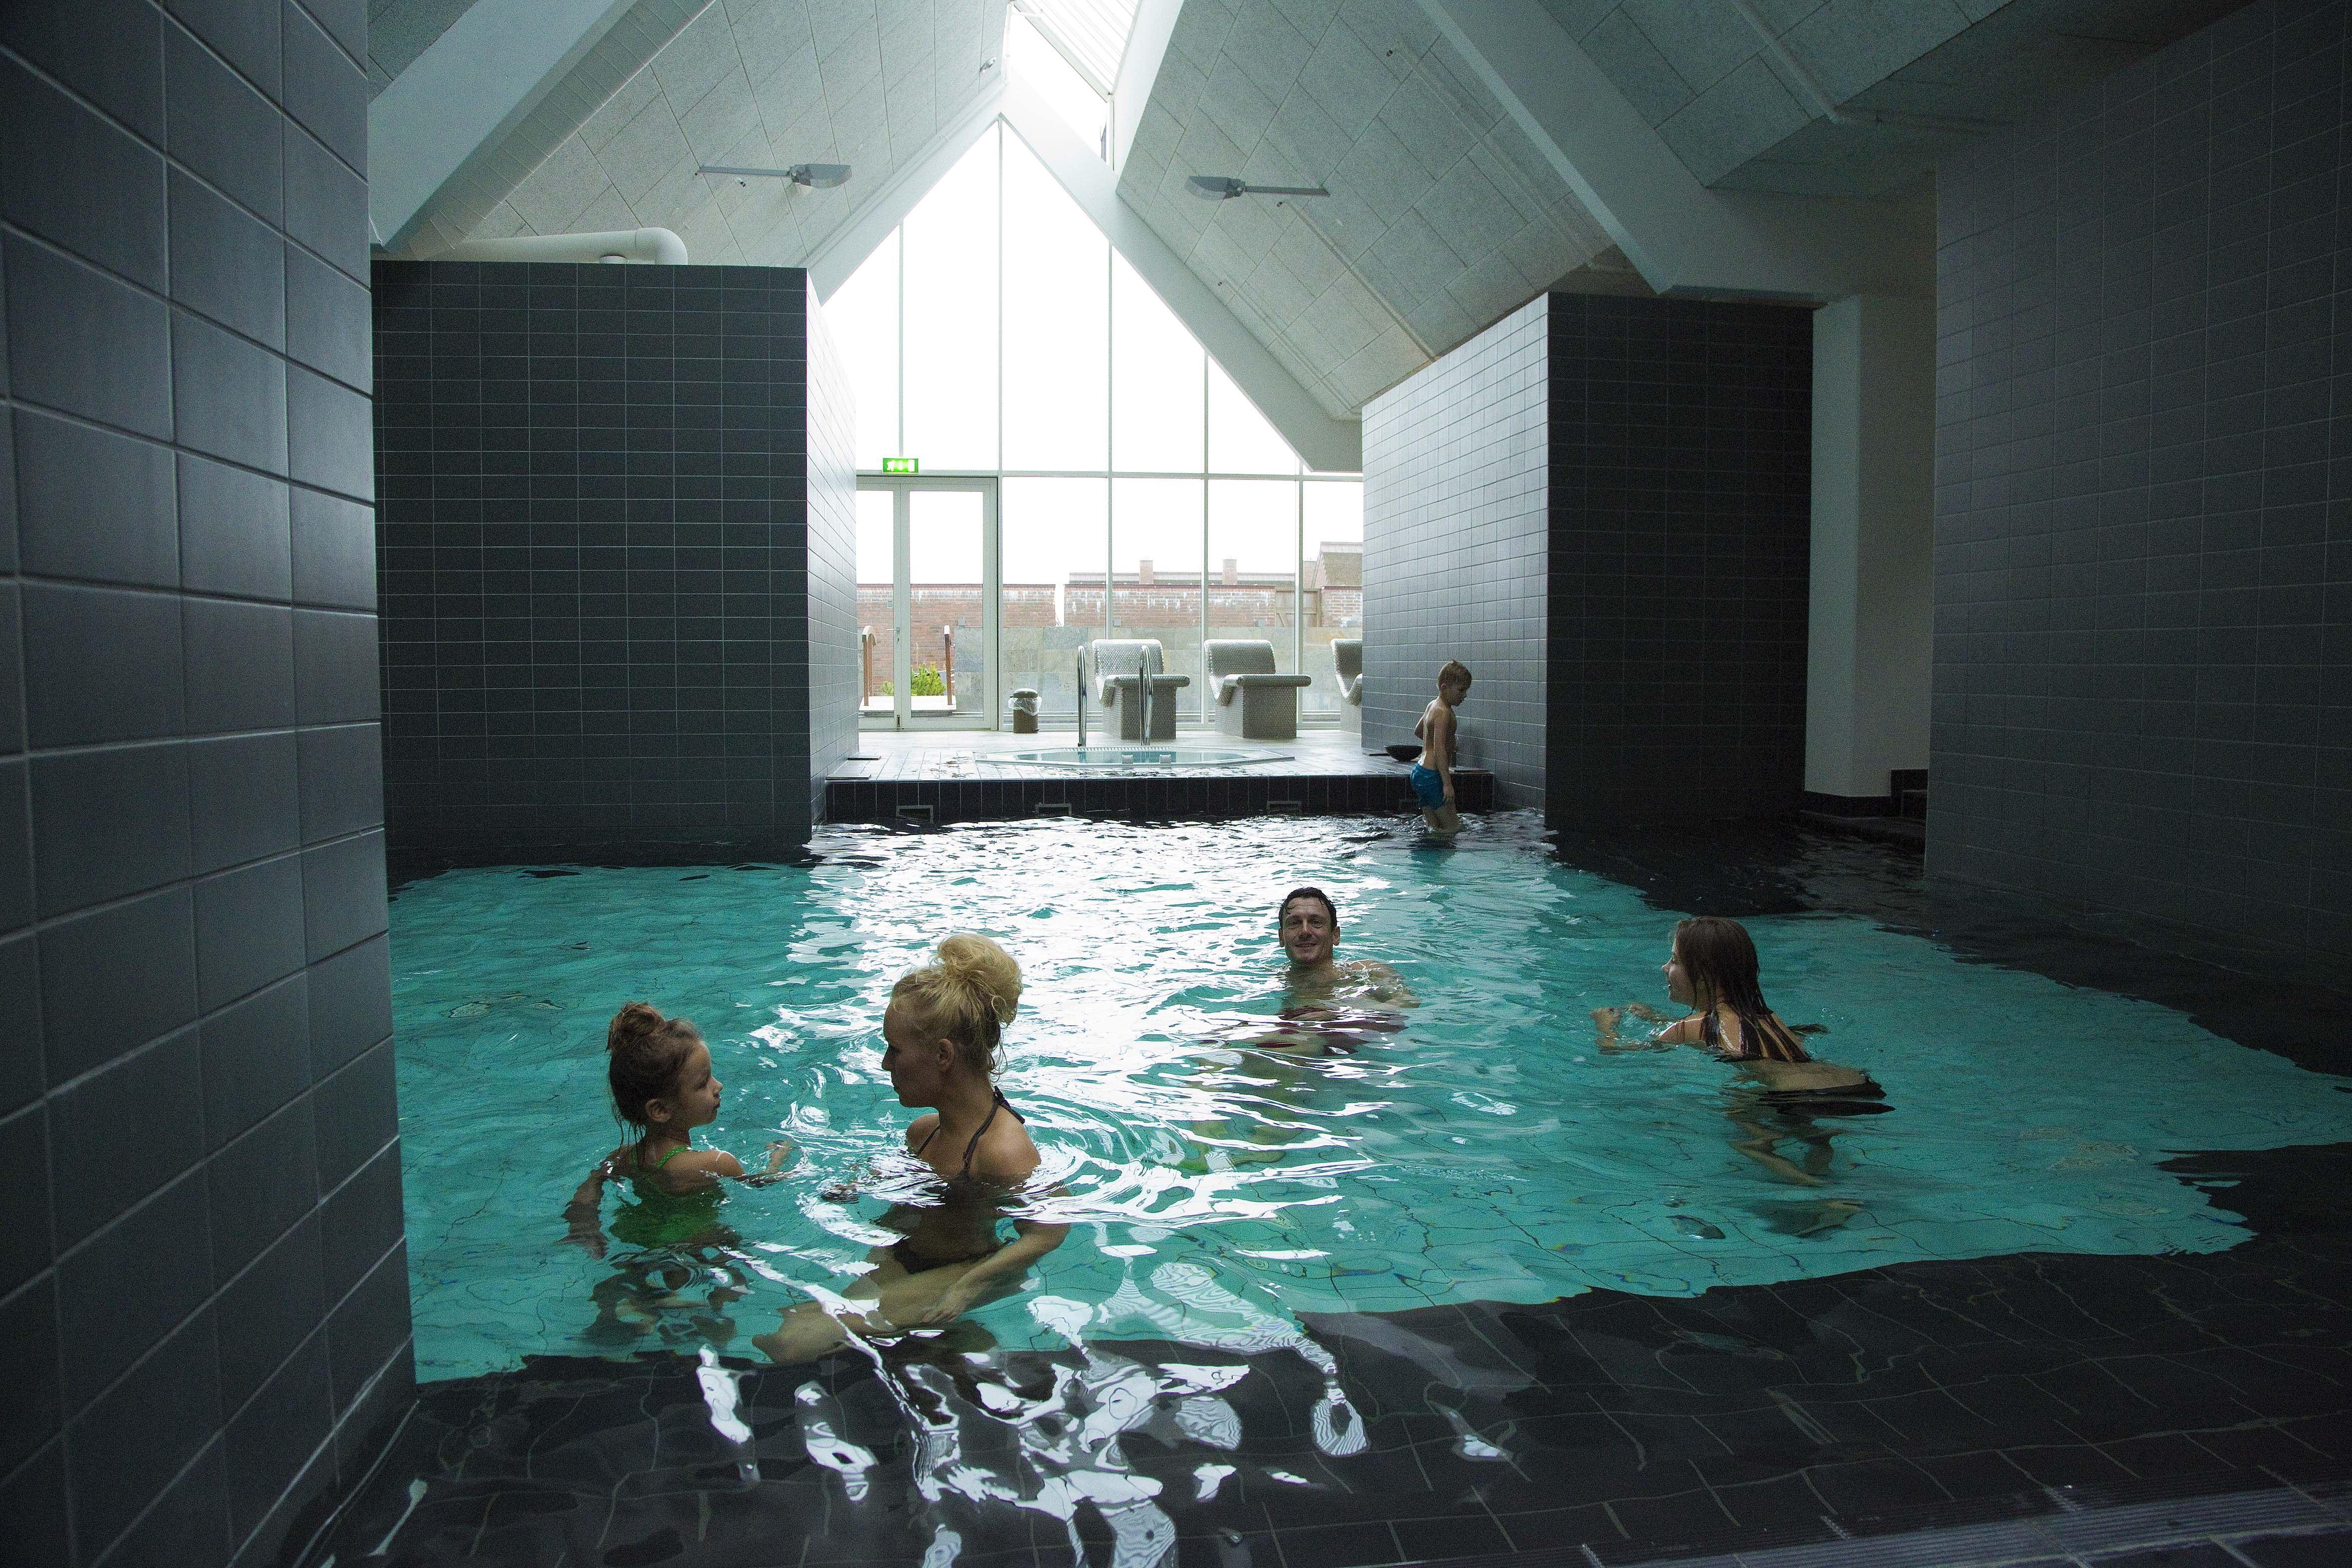 Wellnessophold – Enjoy Resorts Rømø